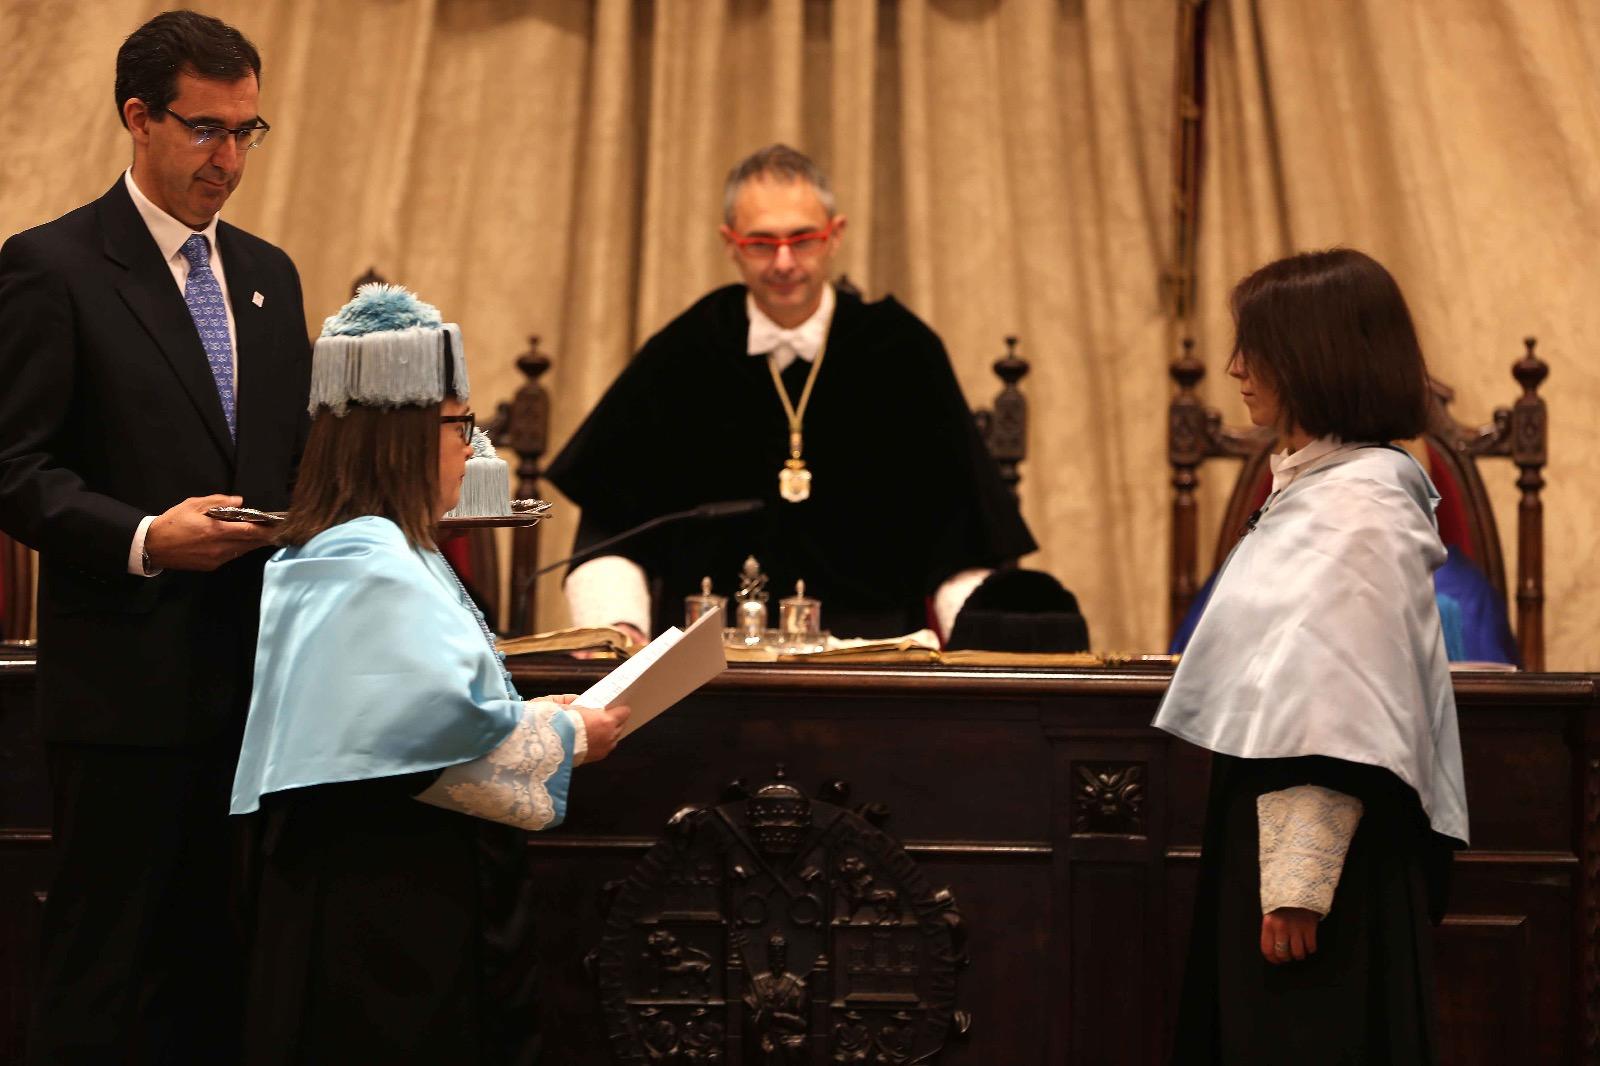 El rector Ricardo Rivero preside la ceremonia de la Festividad de Santo Tomás de Aquino